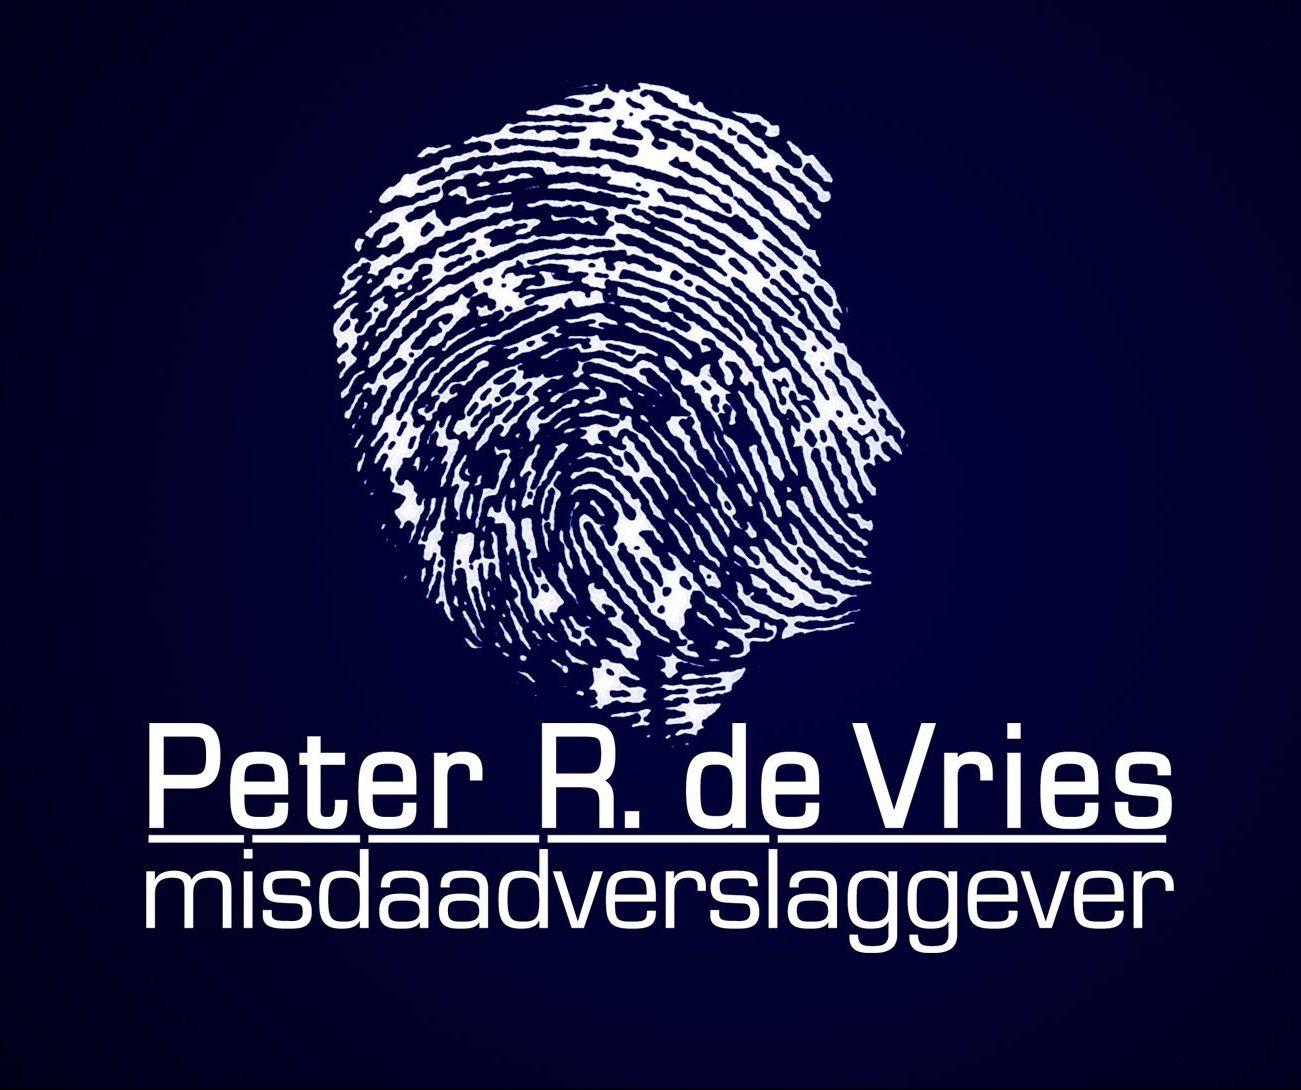 Peter R. de Vries Misdaadverslaggever?